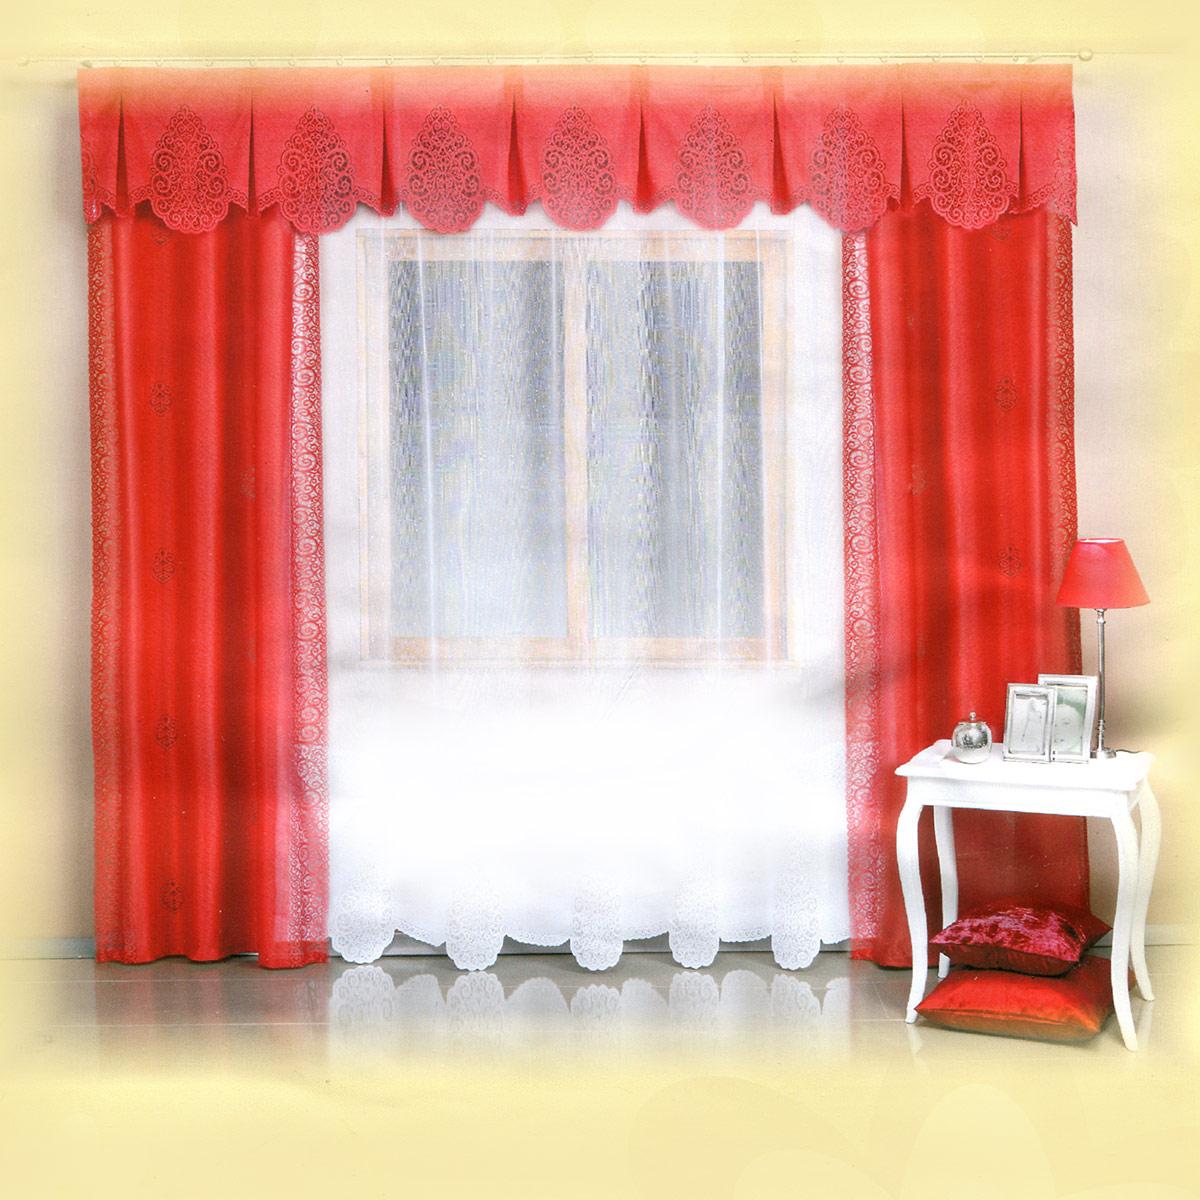 Комплект штор Wisan Wita, на ленте, цвет: алый, белый, высота 250 см10503Роскошный комплект штор Wisan Wita, выполненный из полиэстера, великолепно украсит любое окно. Комплект состоит из двух штор, тюля и ламбрекена. Шторы выполнены из полиэстера и декорированы ажурными вставками. Тюль с фигурными ажурными краями выполнен из полупрозрачной ткани белого цвета. Фигурный ламбрекен выполнен из ажурной ткани.Нежная воздушная текстура, оригинальный дизайн и нежная цветовая гамма привлекут к себе внимание и органично впишутся в интерьер комнаты. Все предметы комплекта - на шторной ленте для собирания в сборки.